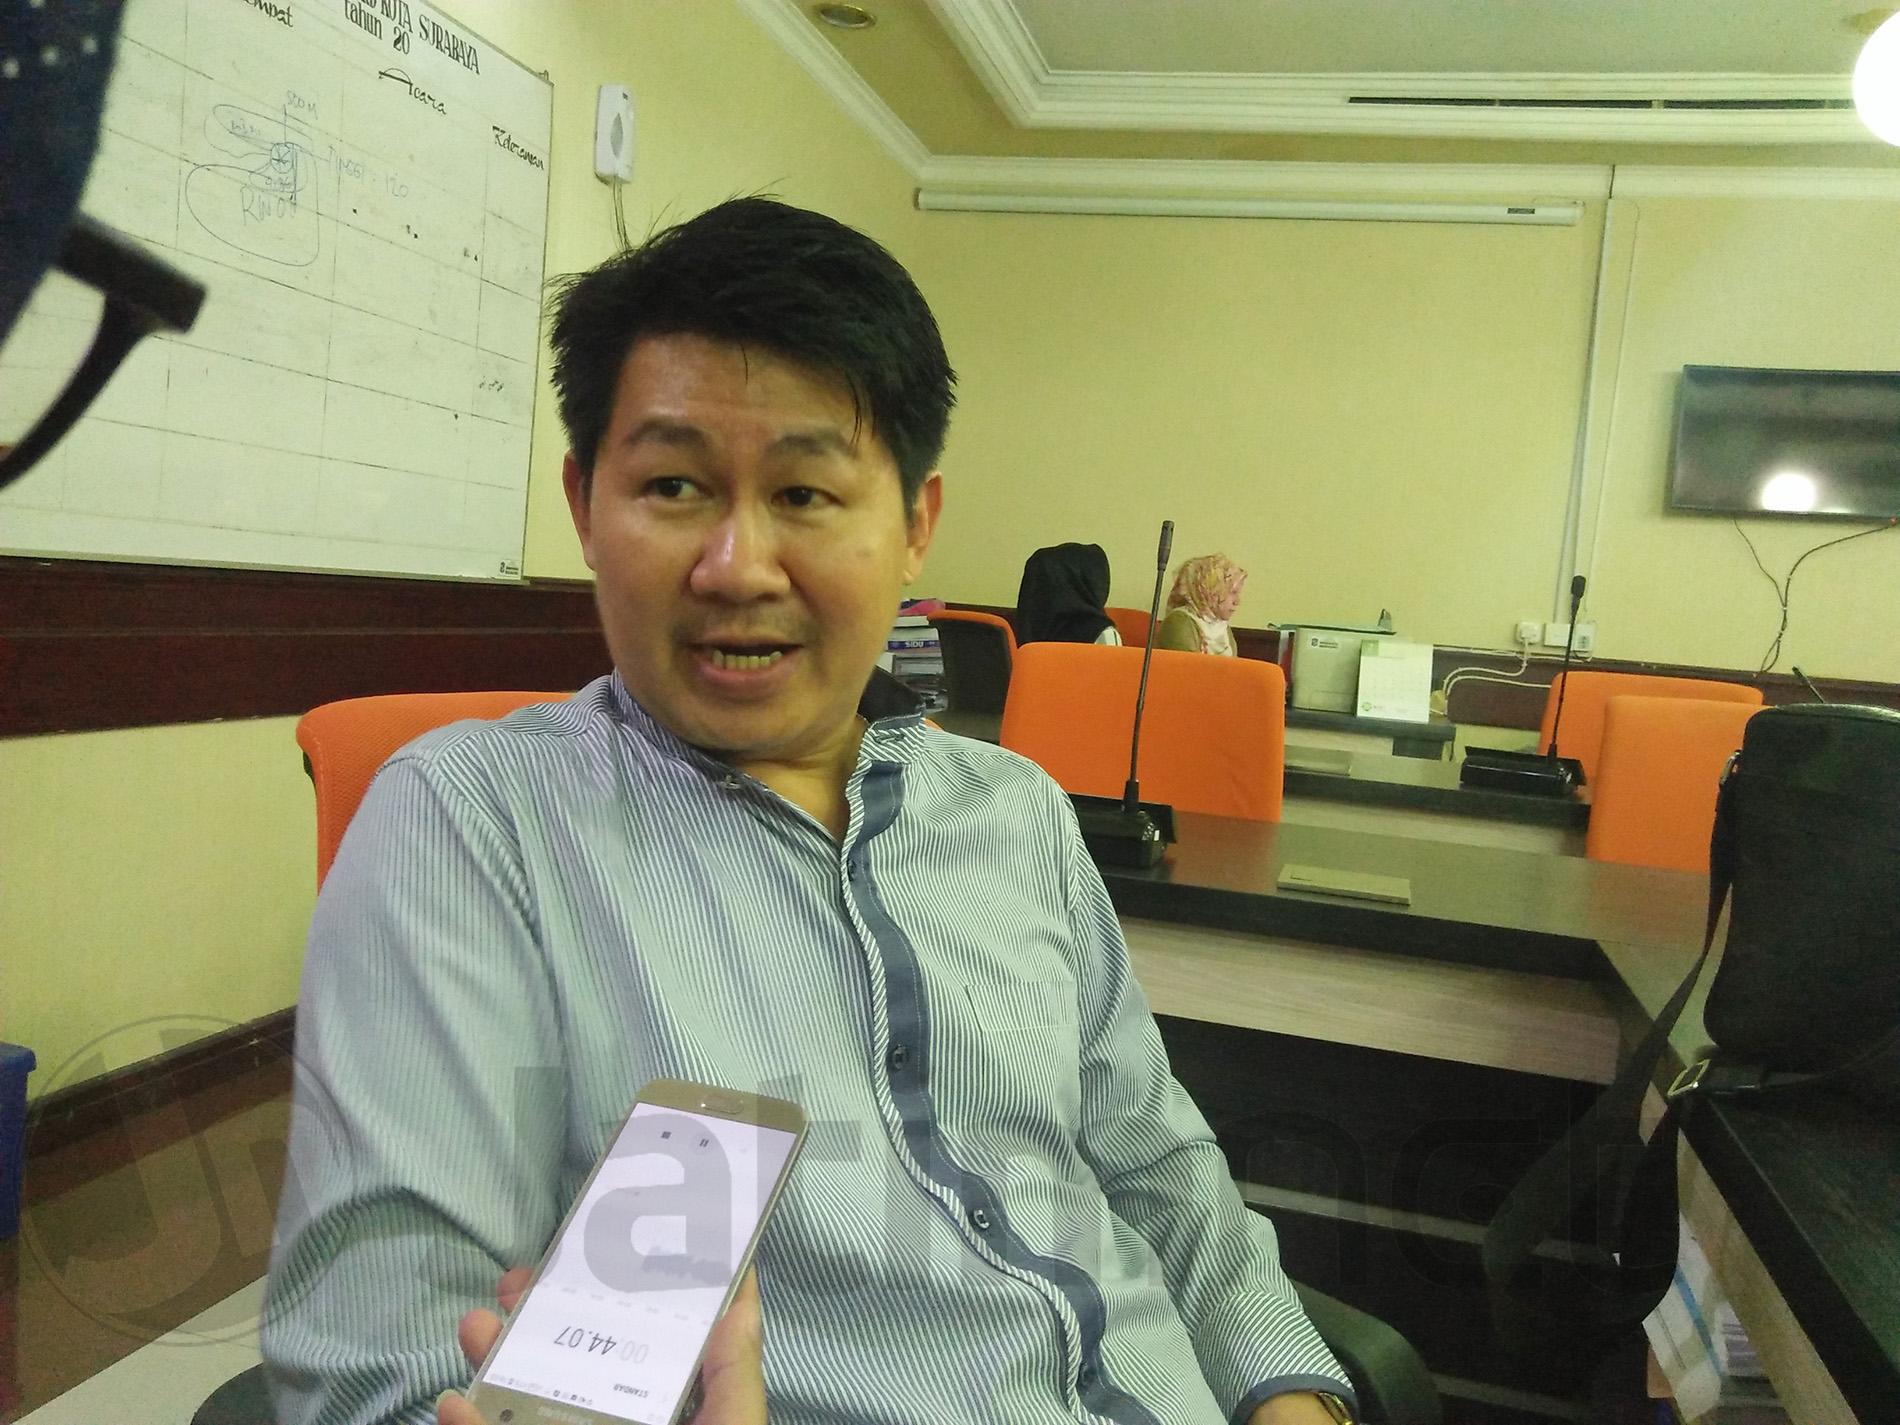 Dewan Surabaya Minta Kebijakan Wali Kota Libatkan Semua Pihak